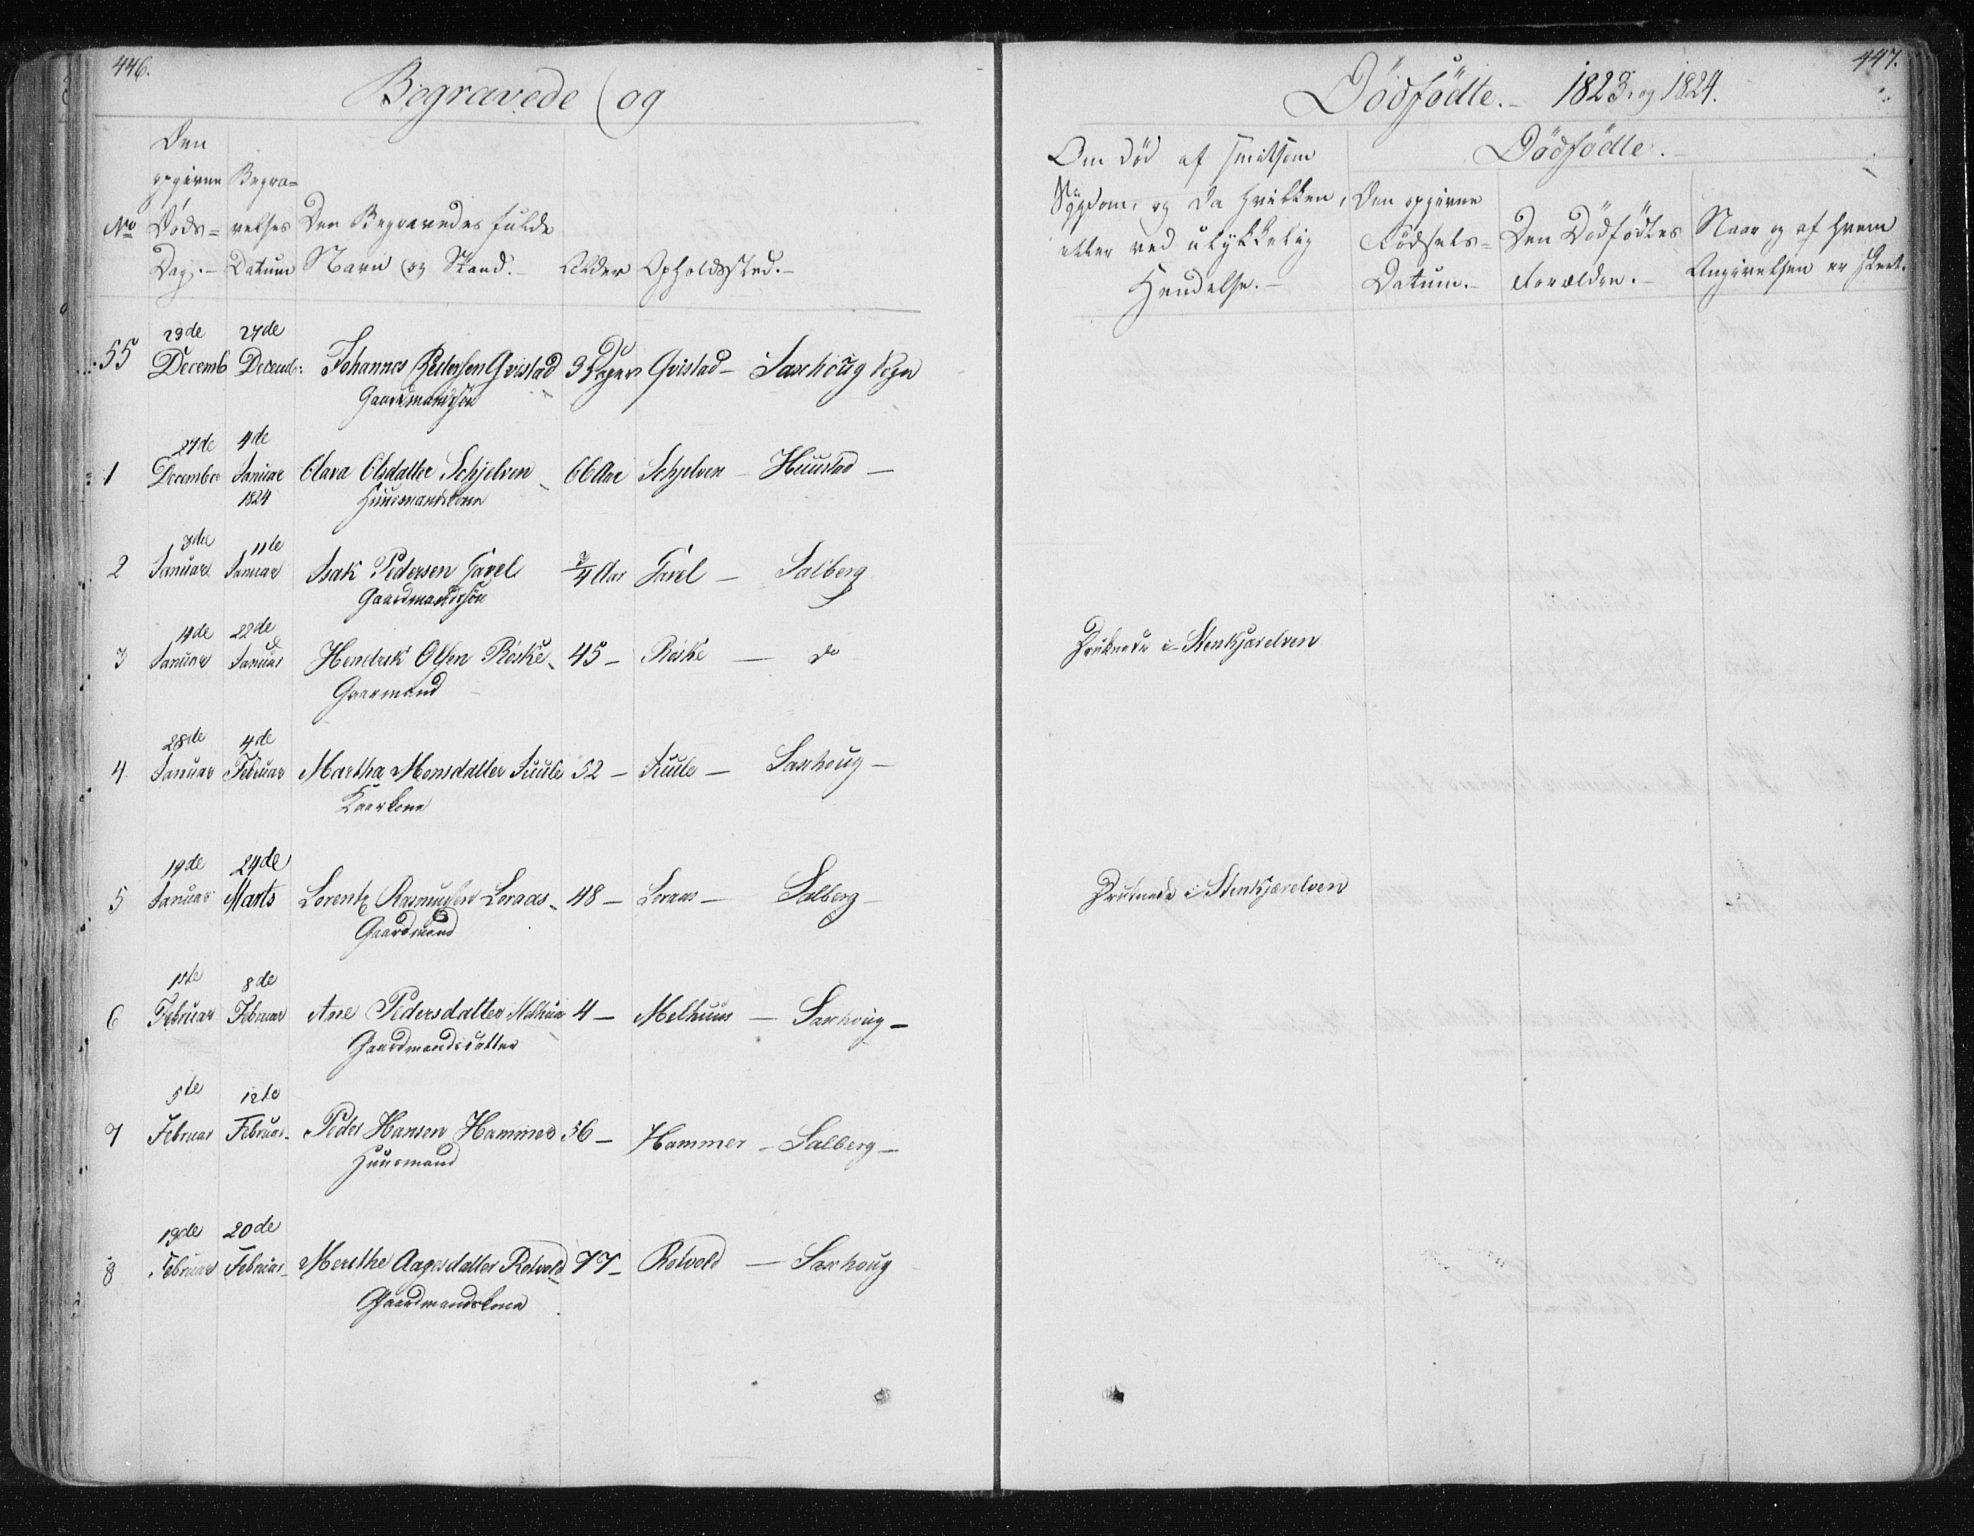 SAT, Ministerialprotokoller, klokkerbøker og fødselsregistre - Nord-Trøndelag, 730/L0276: Ministerialbok nr. 730A05, 1822-1830, s. 446-447